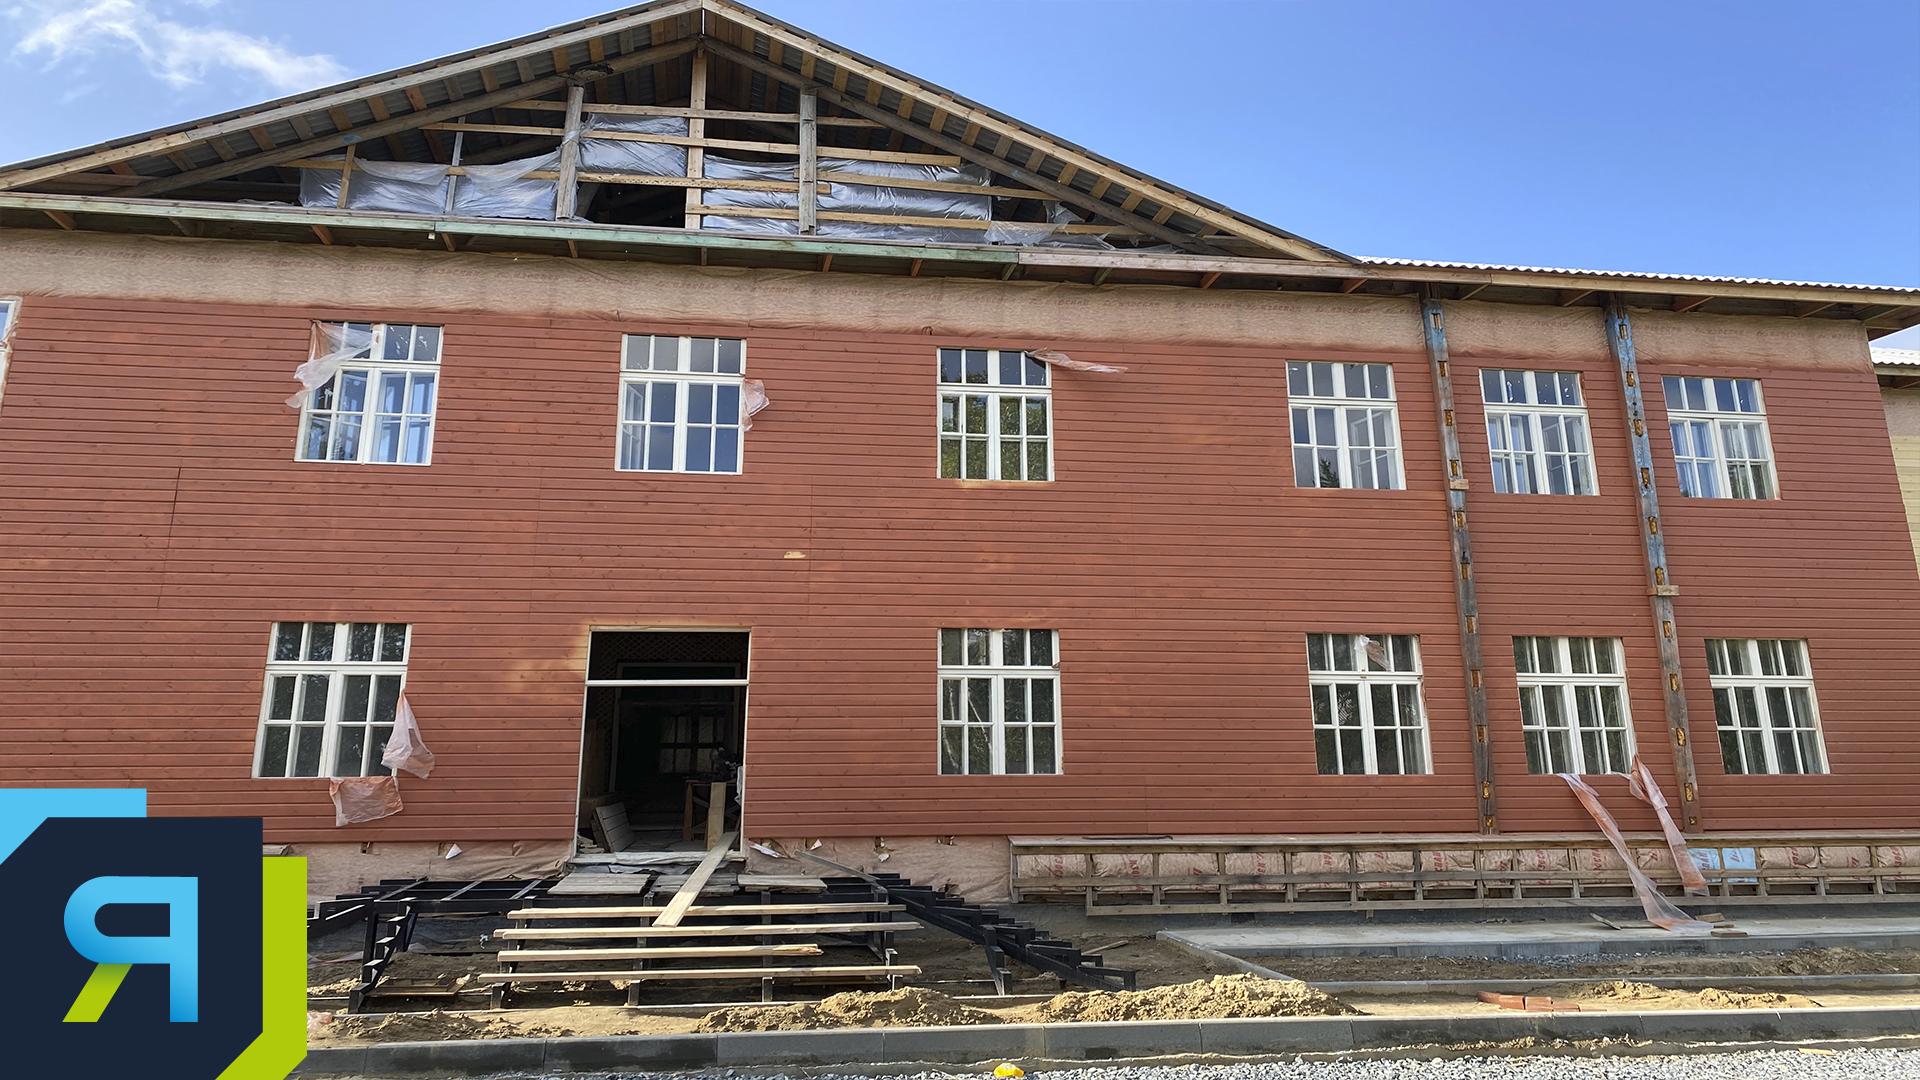 Реставраторам здания сталинской эпохи в Салехарде помогли архивные документы